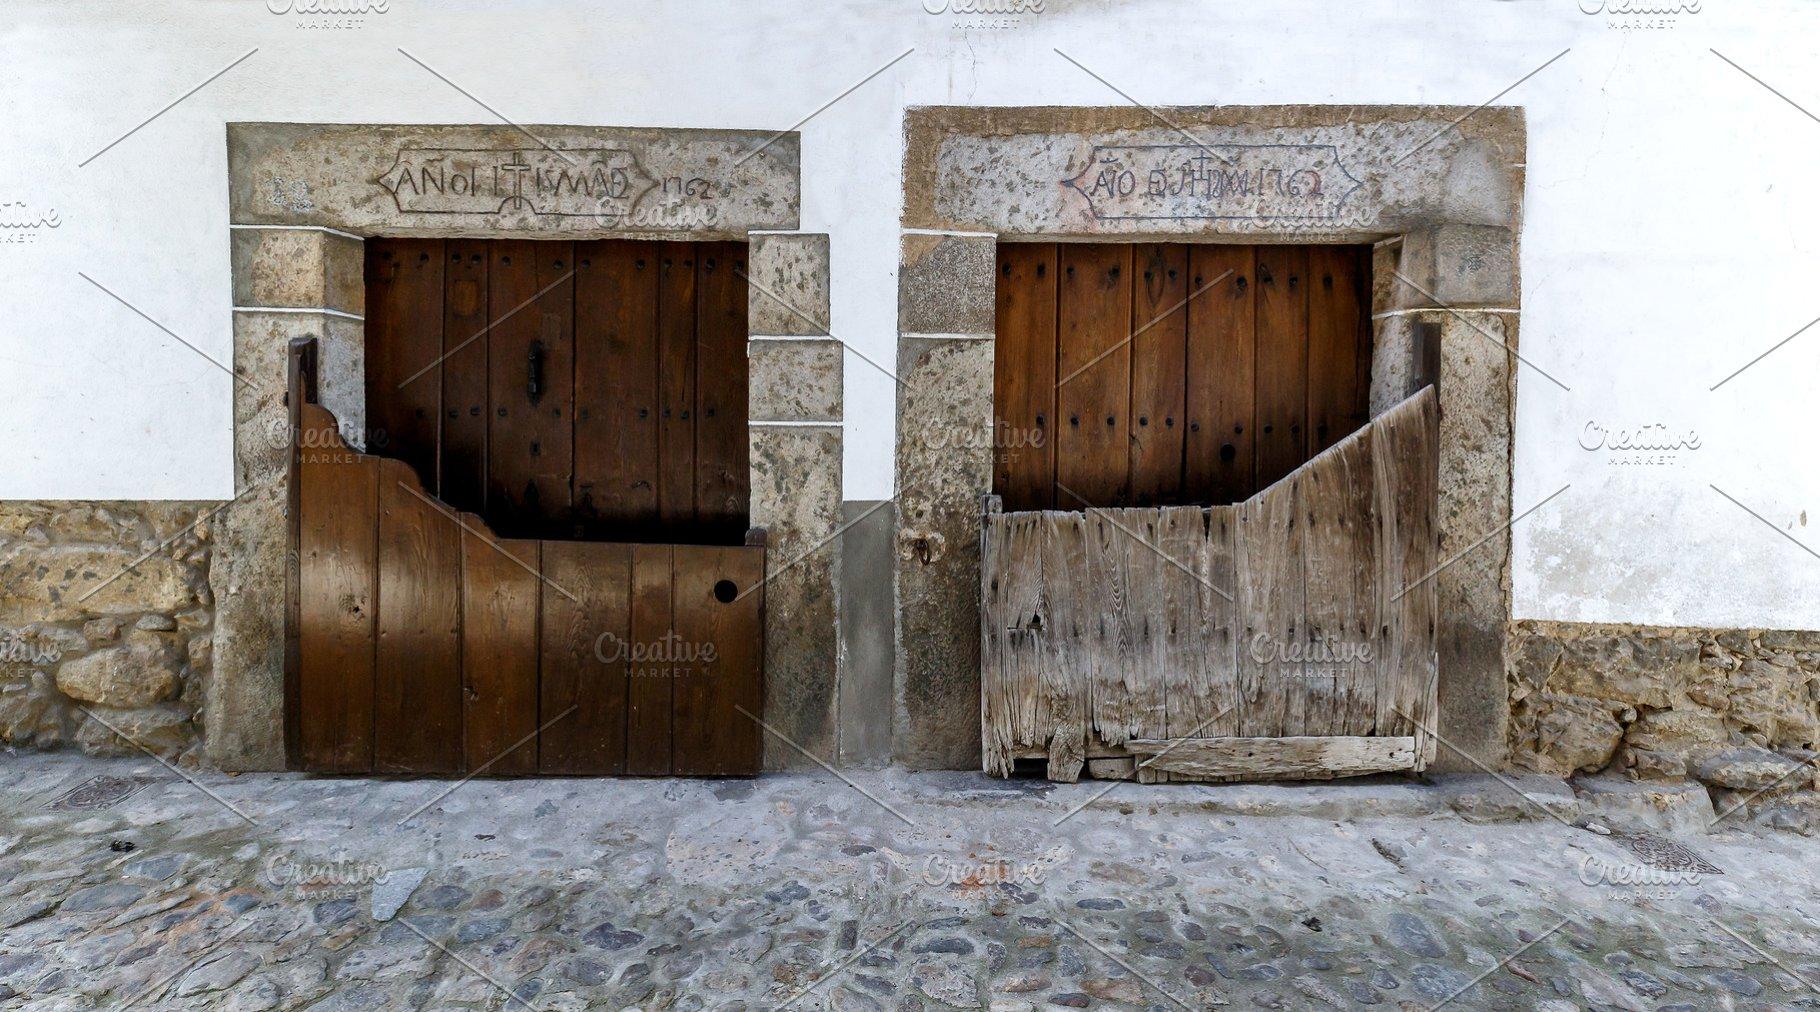 Architecture in Candelario. Spain